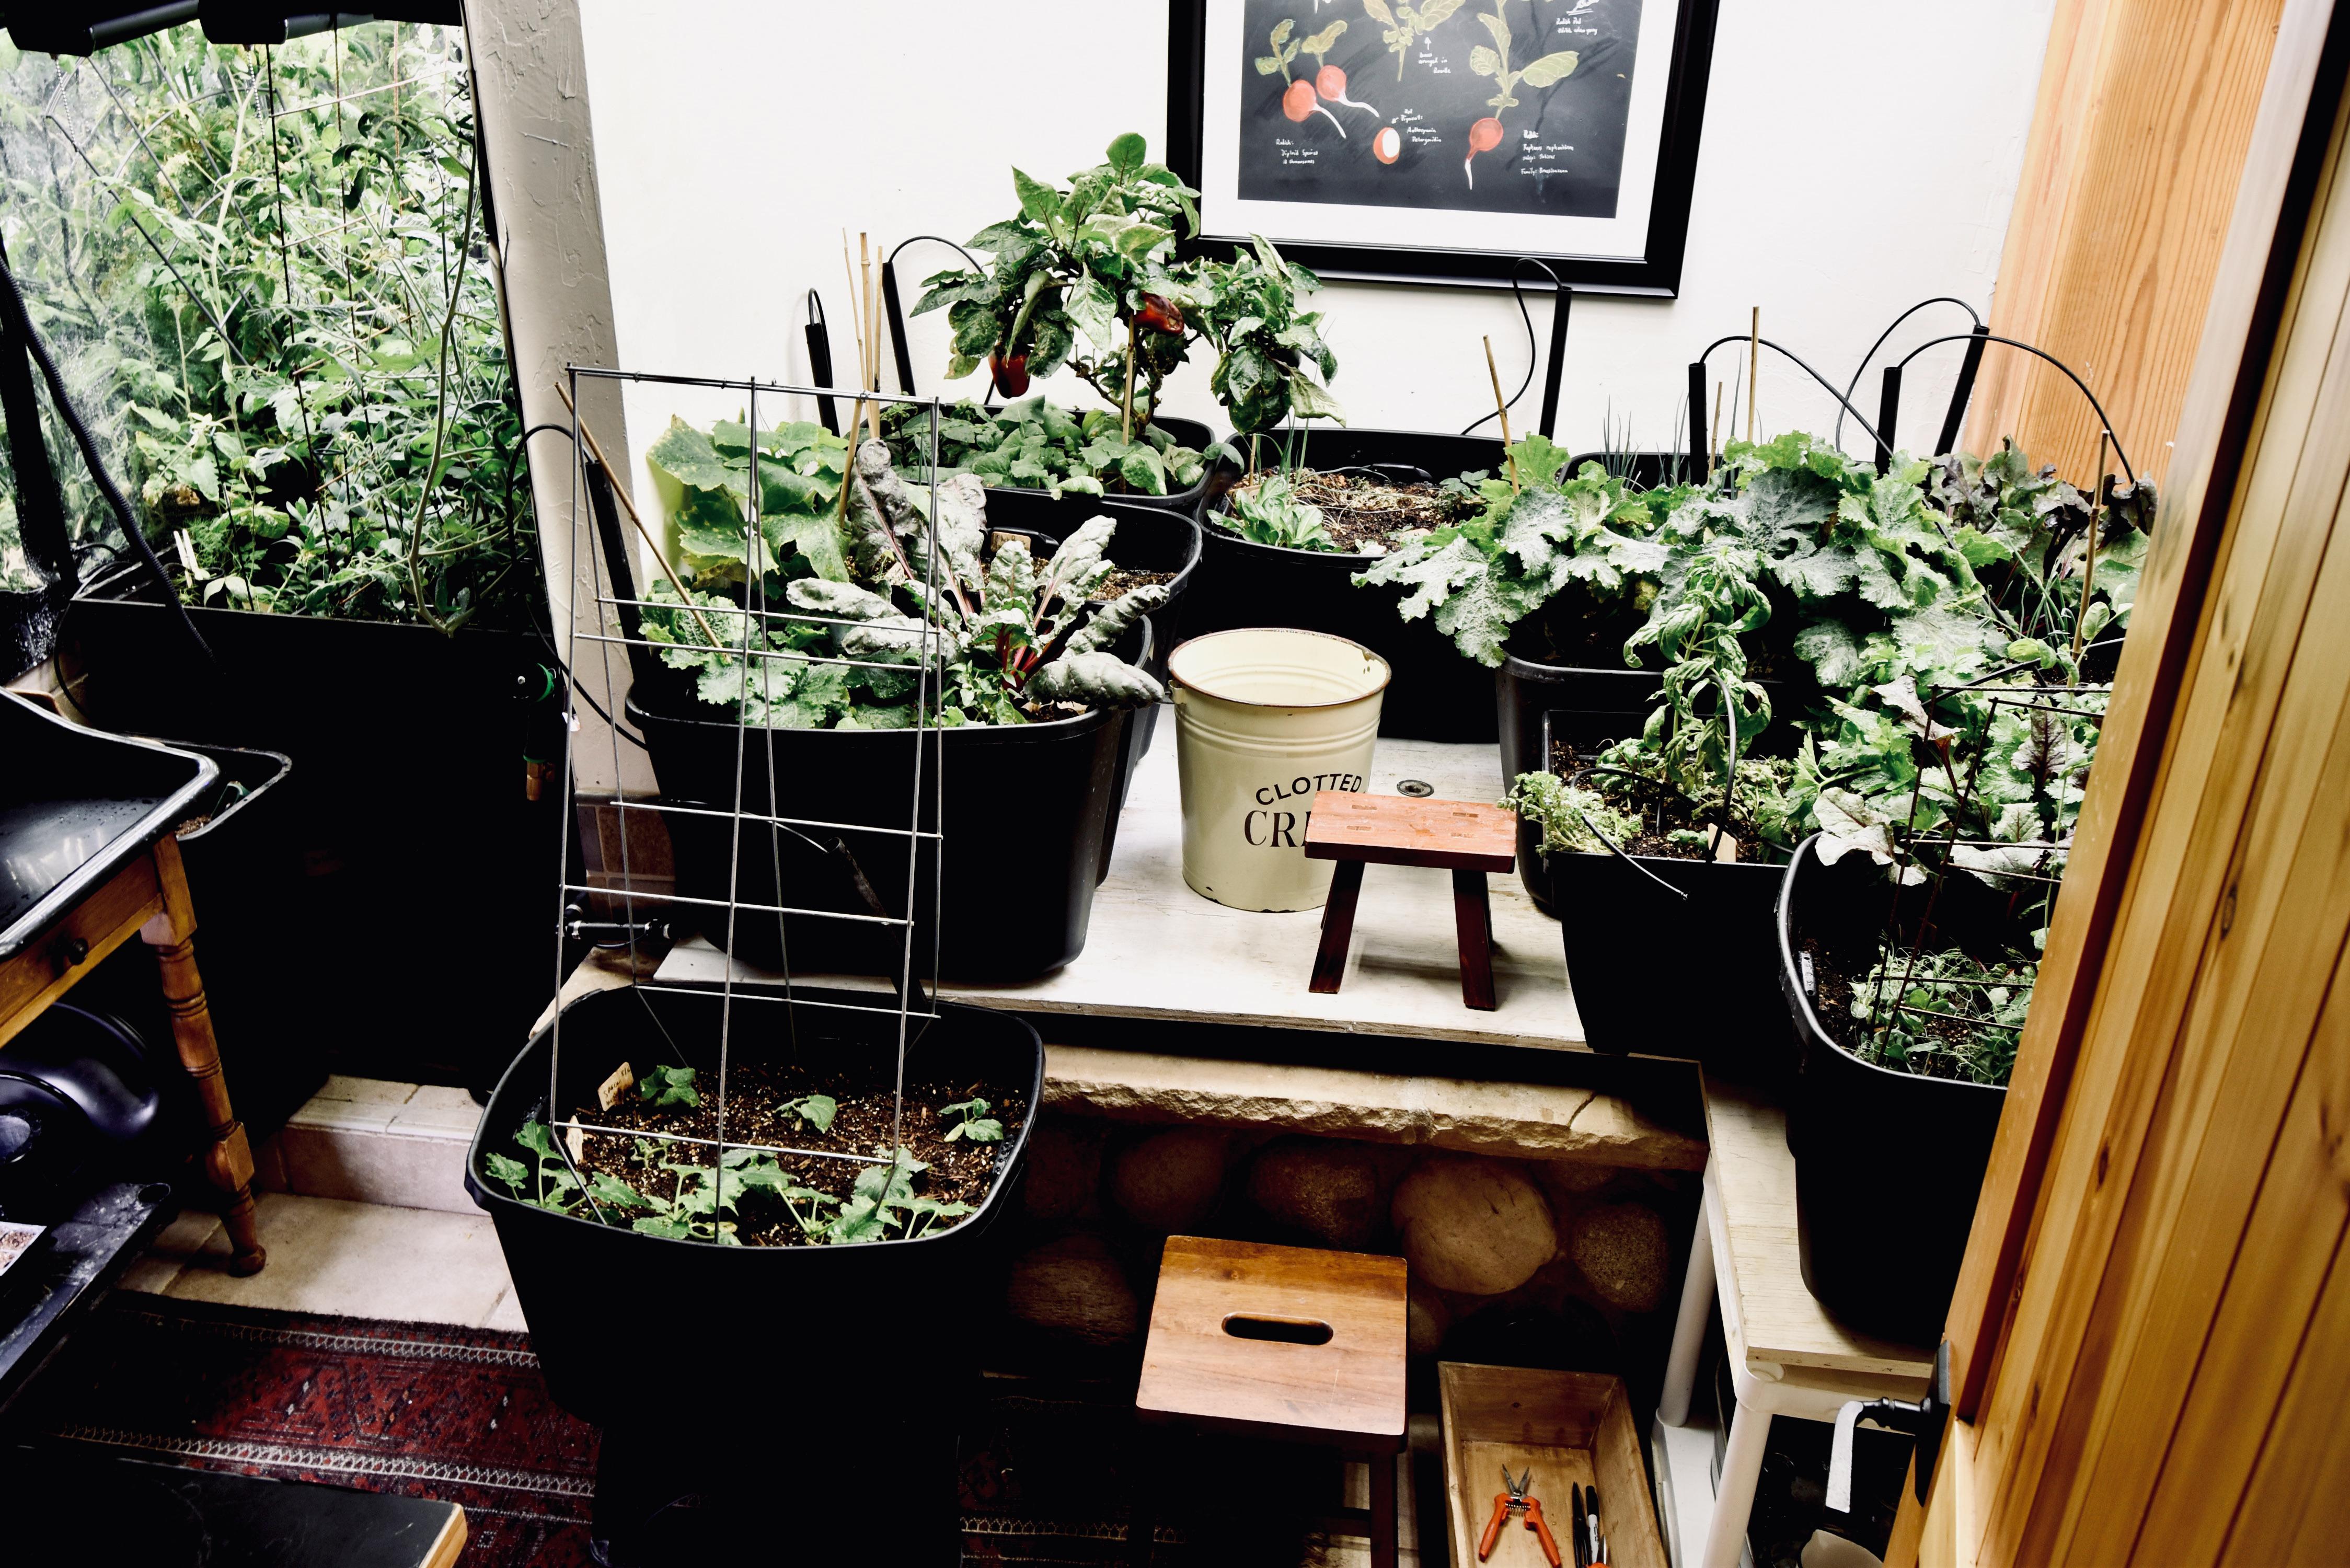 Our indoor garden